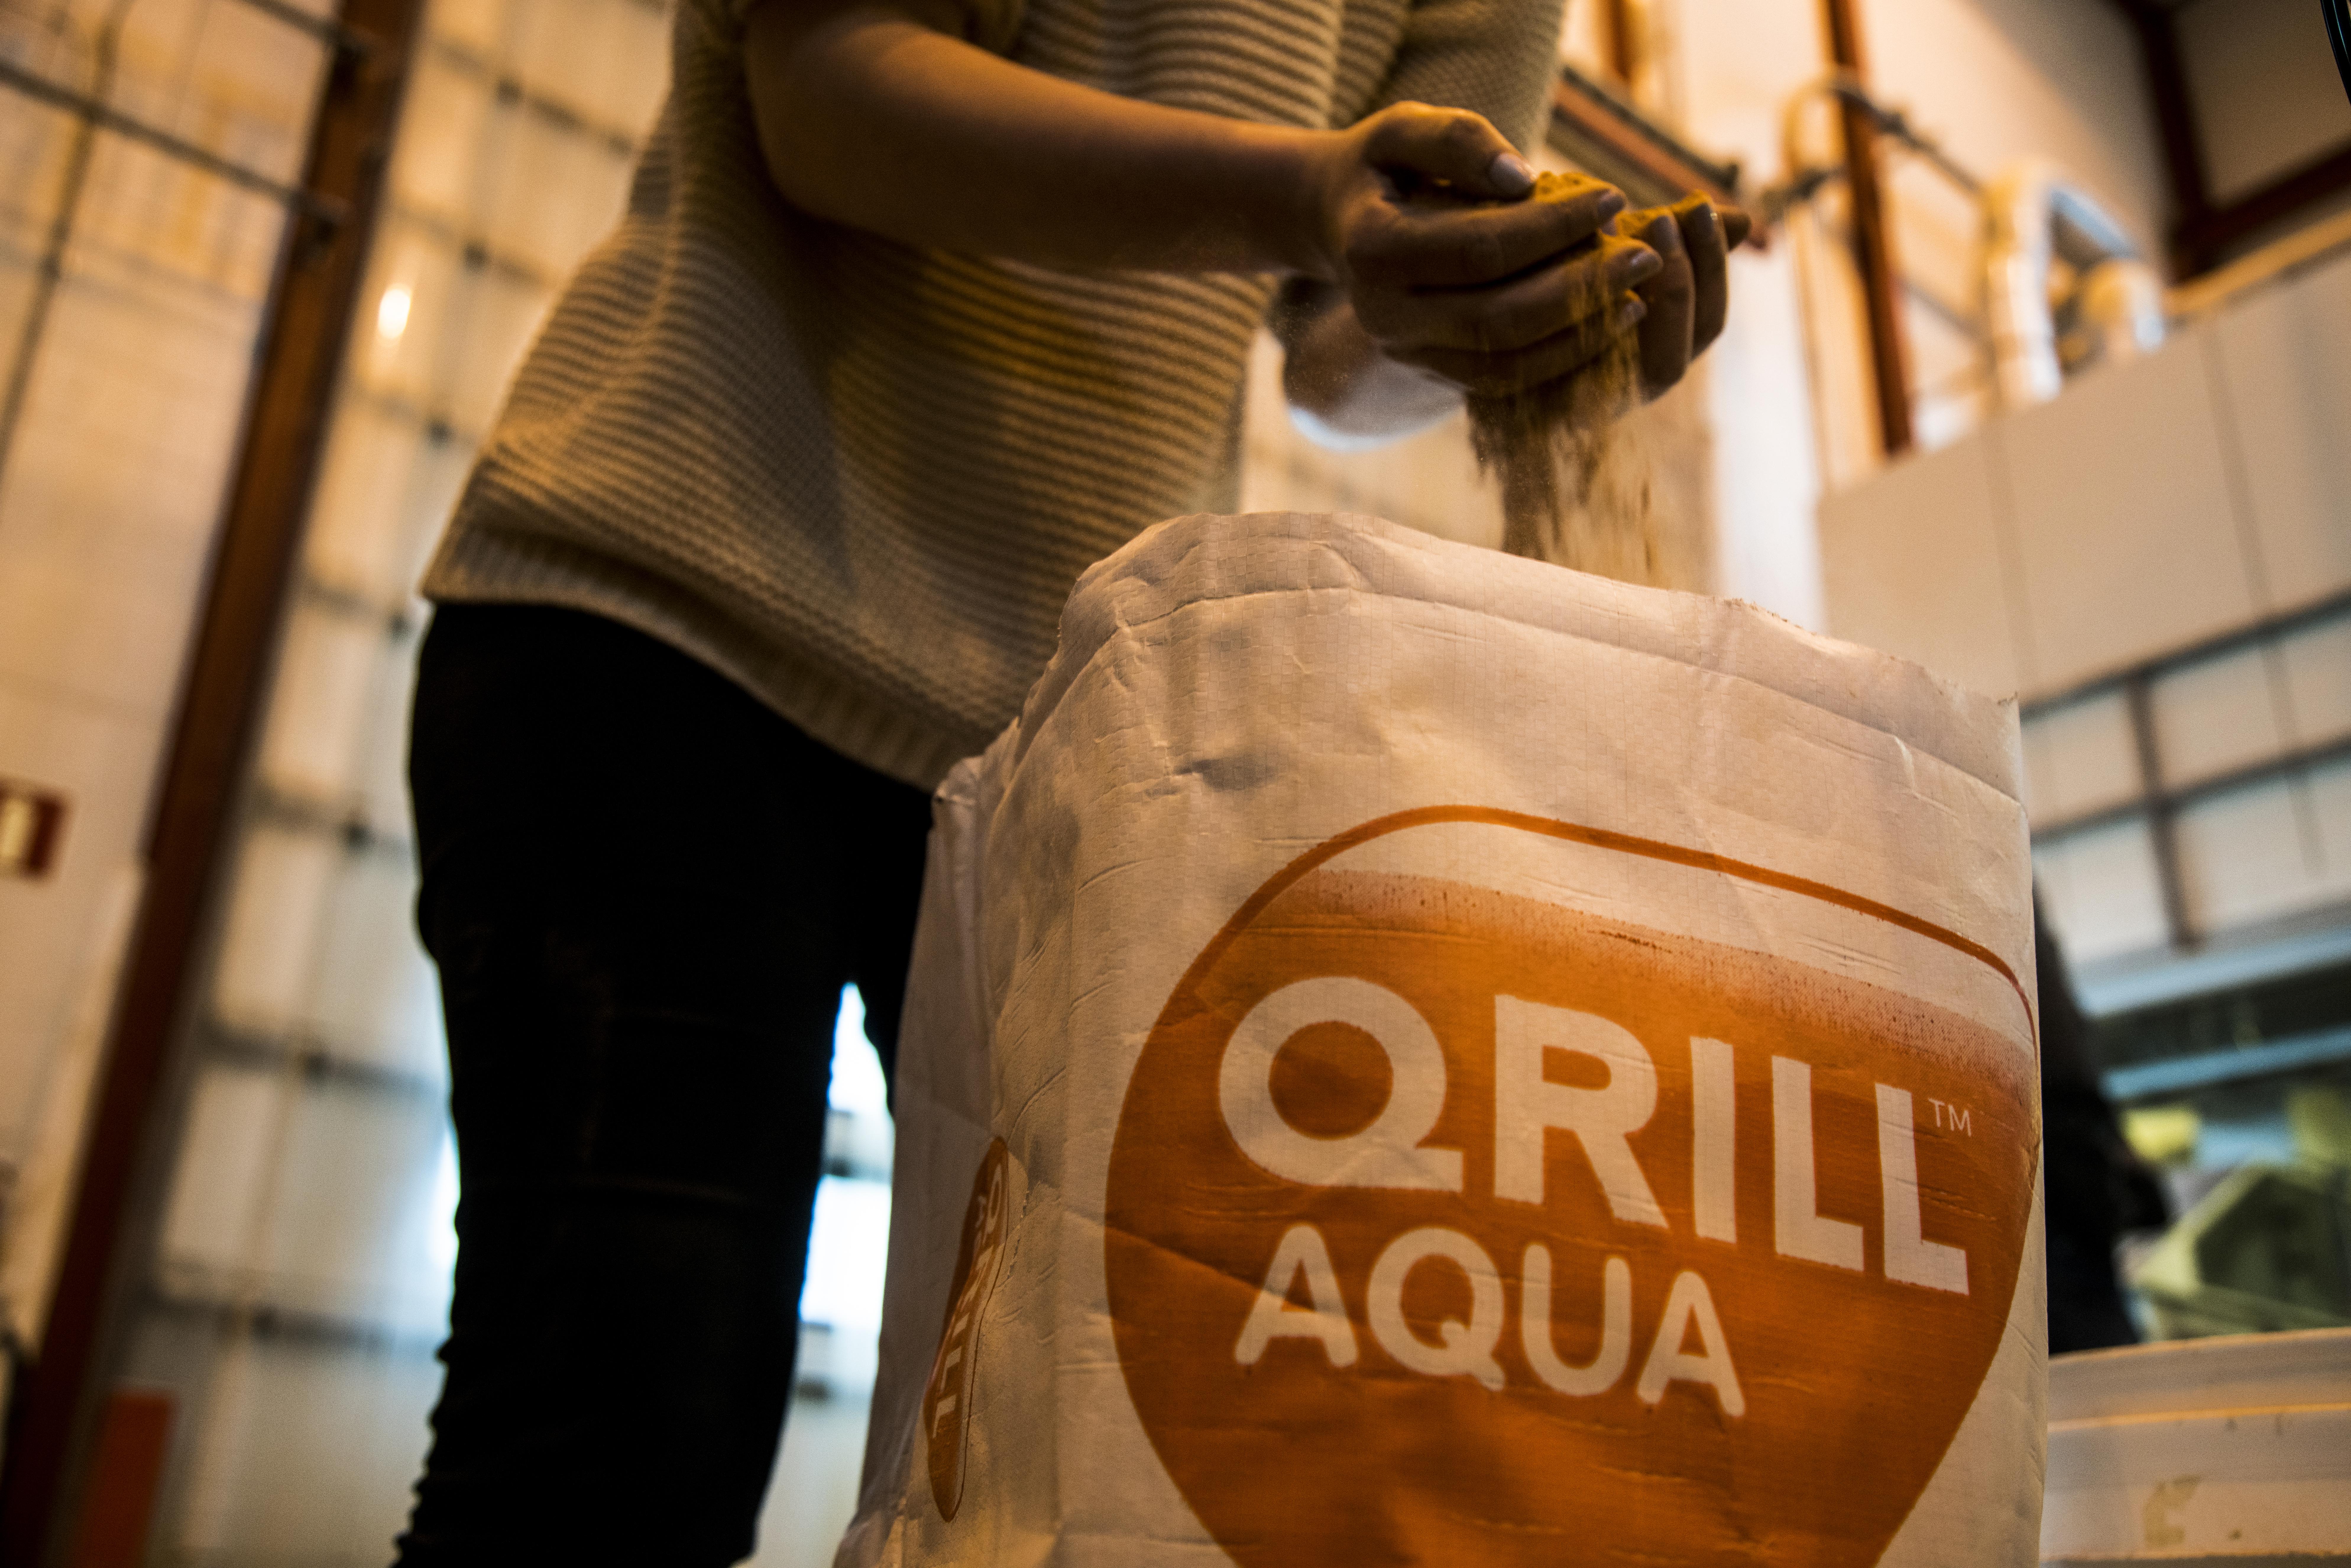 Qrill Aqua whole dried .jpg